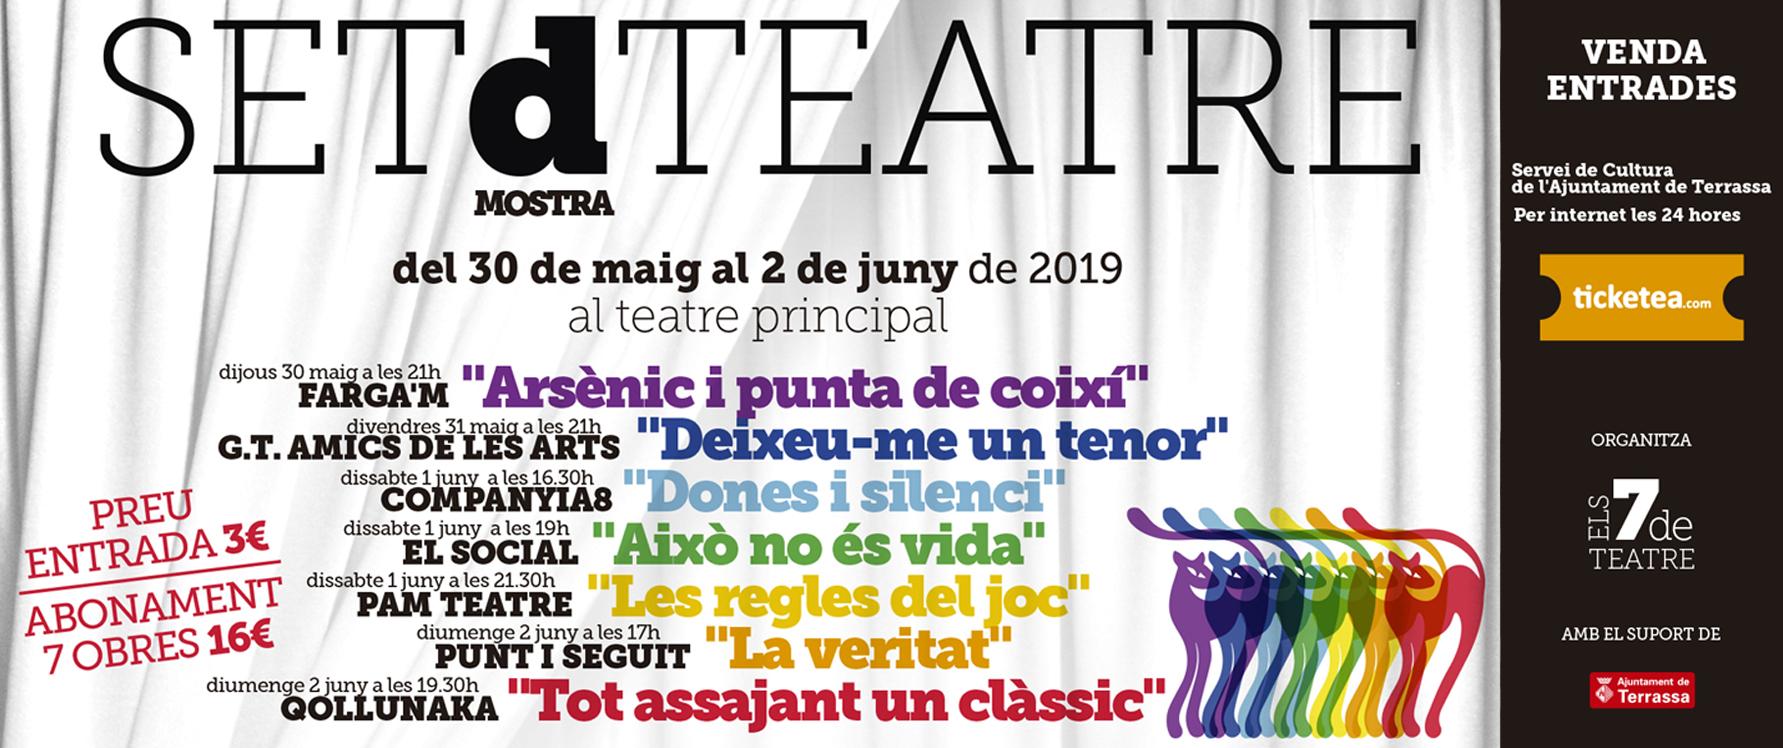 Set de teatre